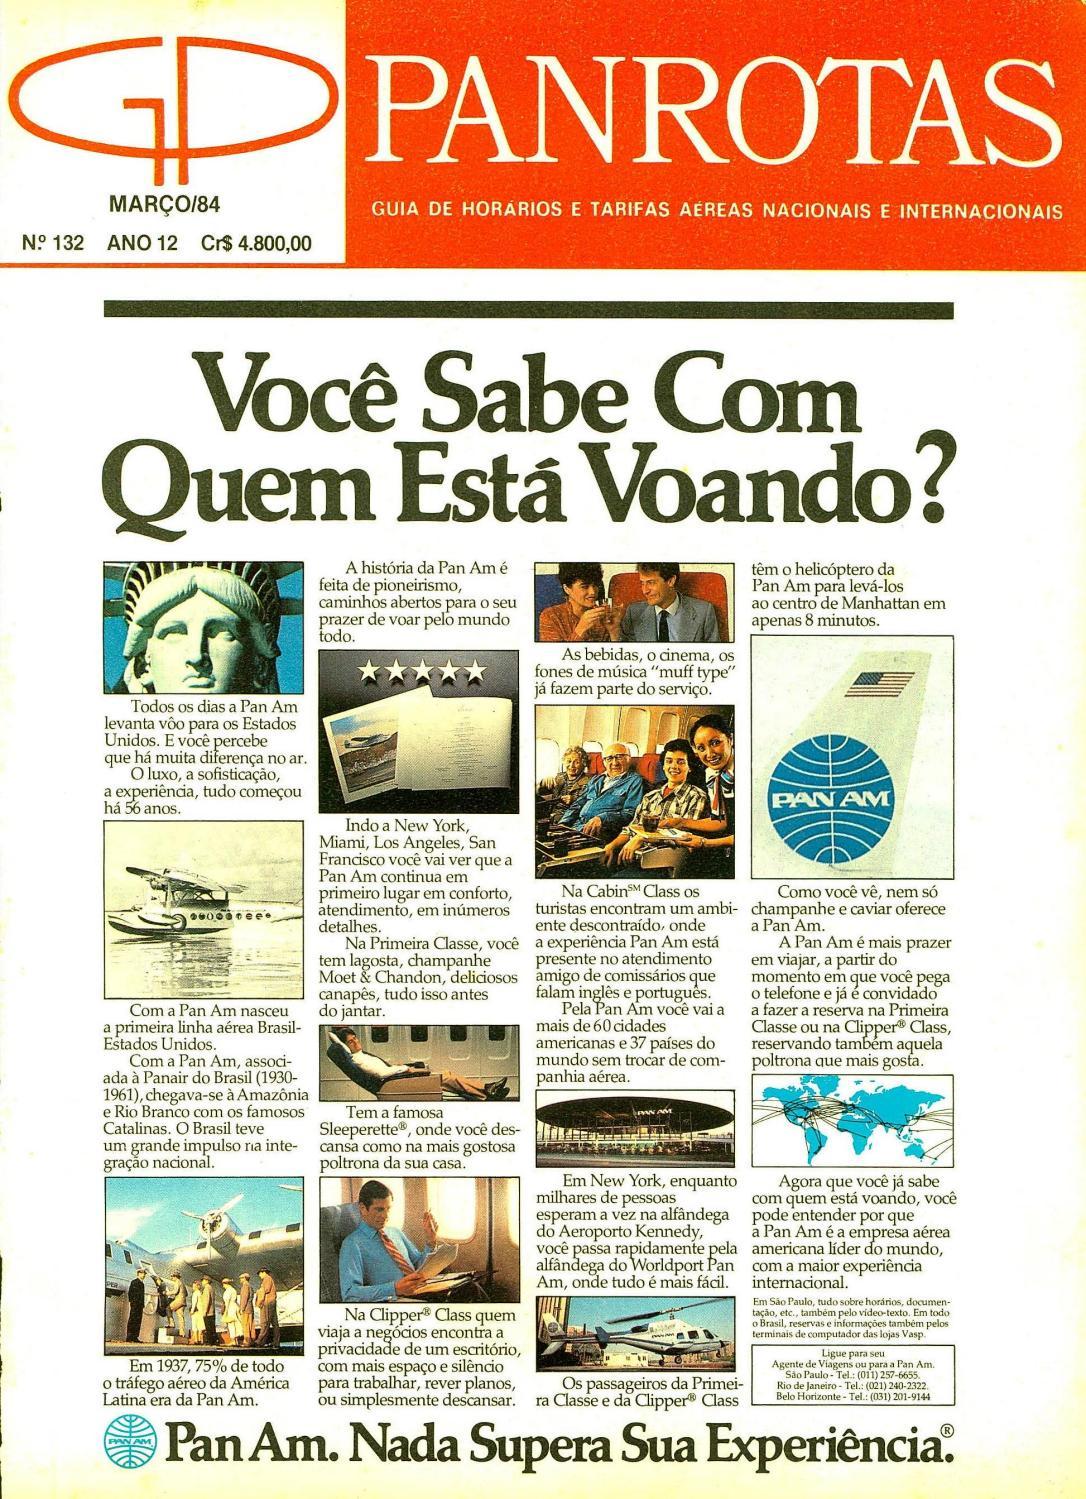 Guia PANROTAS - Edição 132 - Março 1984 by PANROTAS Editora - issuu 44d65187705